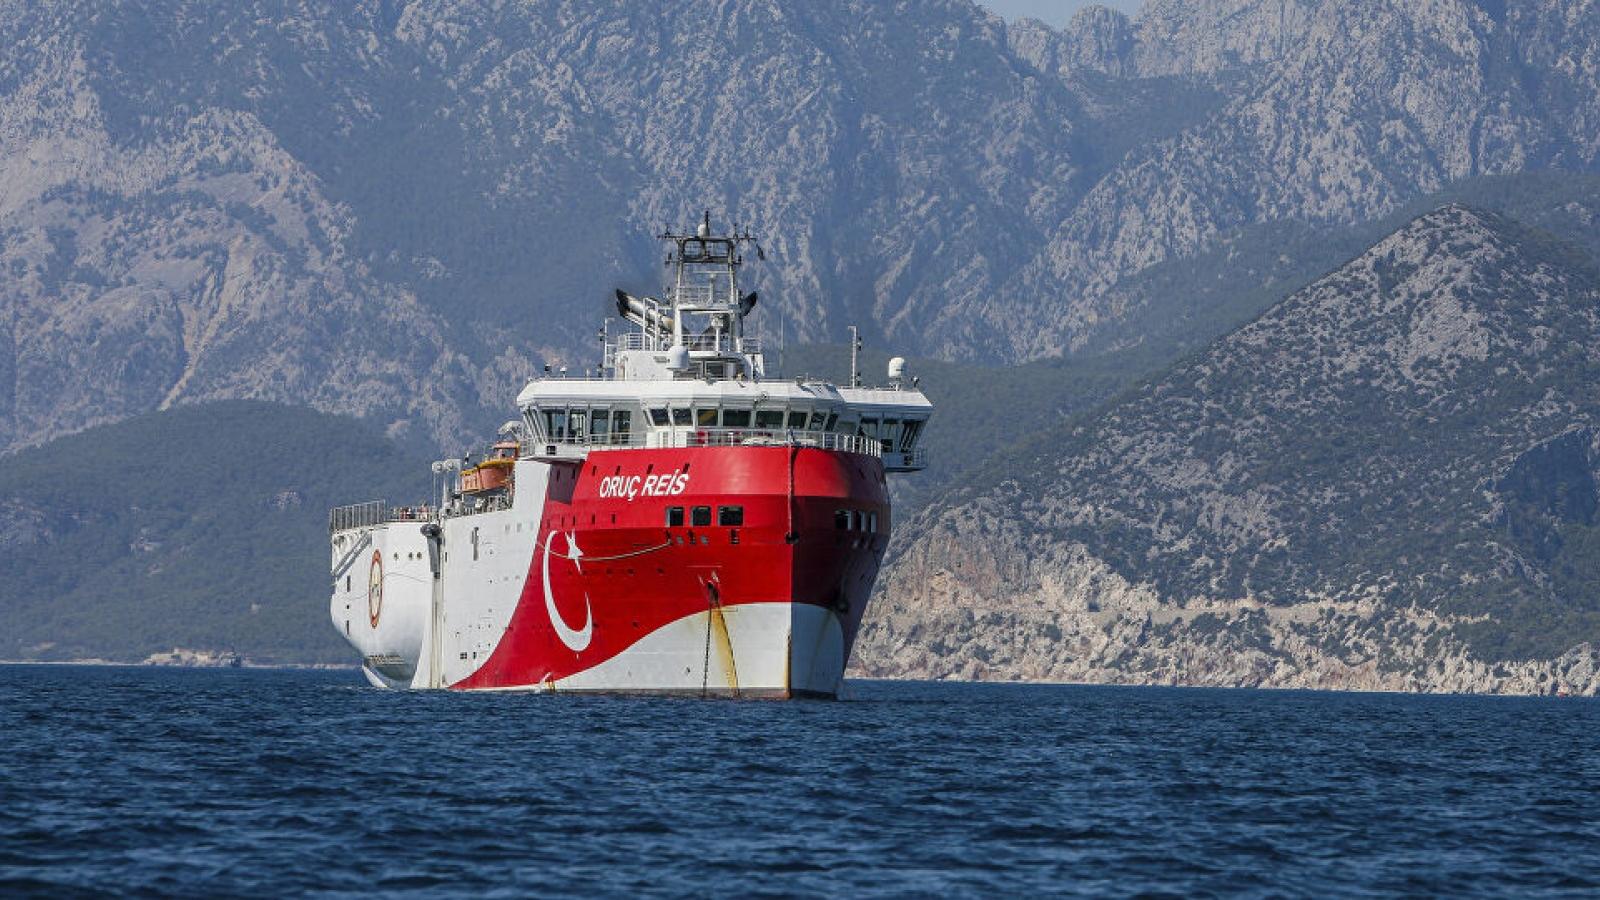 Thổ Nhĩ Kỳ tiếp tục gia hạn hoạt động thăm dò của tàu Oruc Reis tại Đông Địa Trung Hải